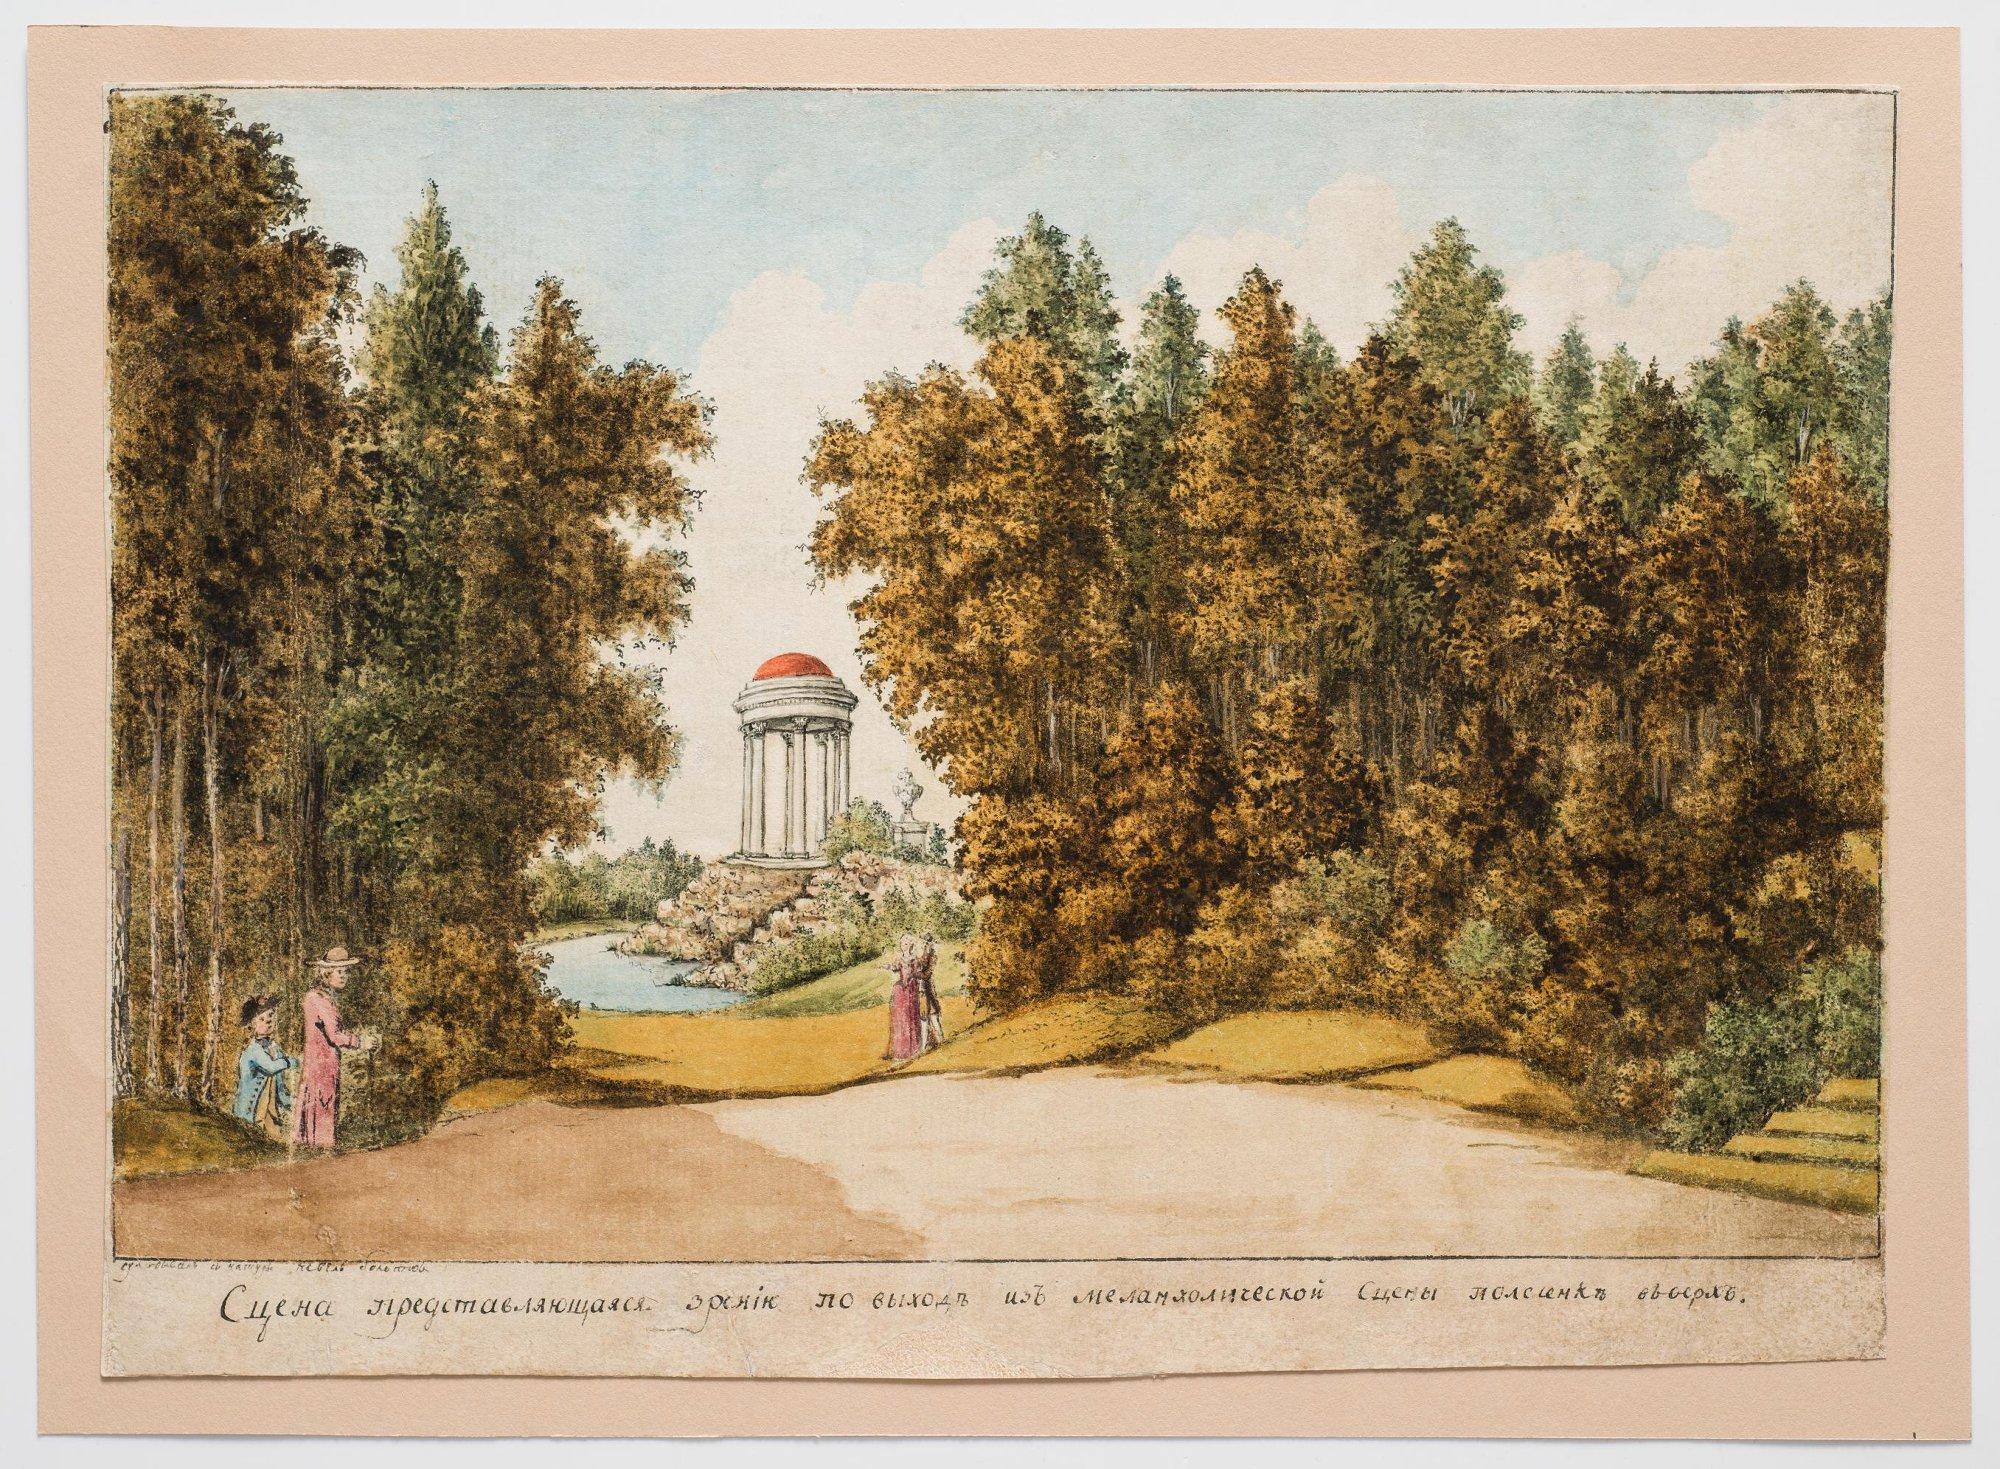 Вид на ротонду в Богородицком парке (Сцена представляющаяся зрению по выходе из меланхолической сцены по лесенке вверх)